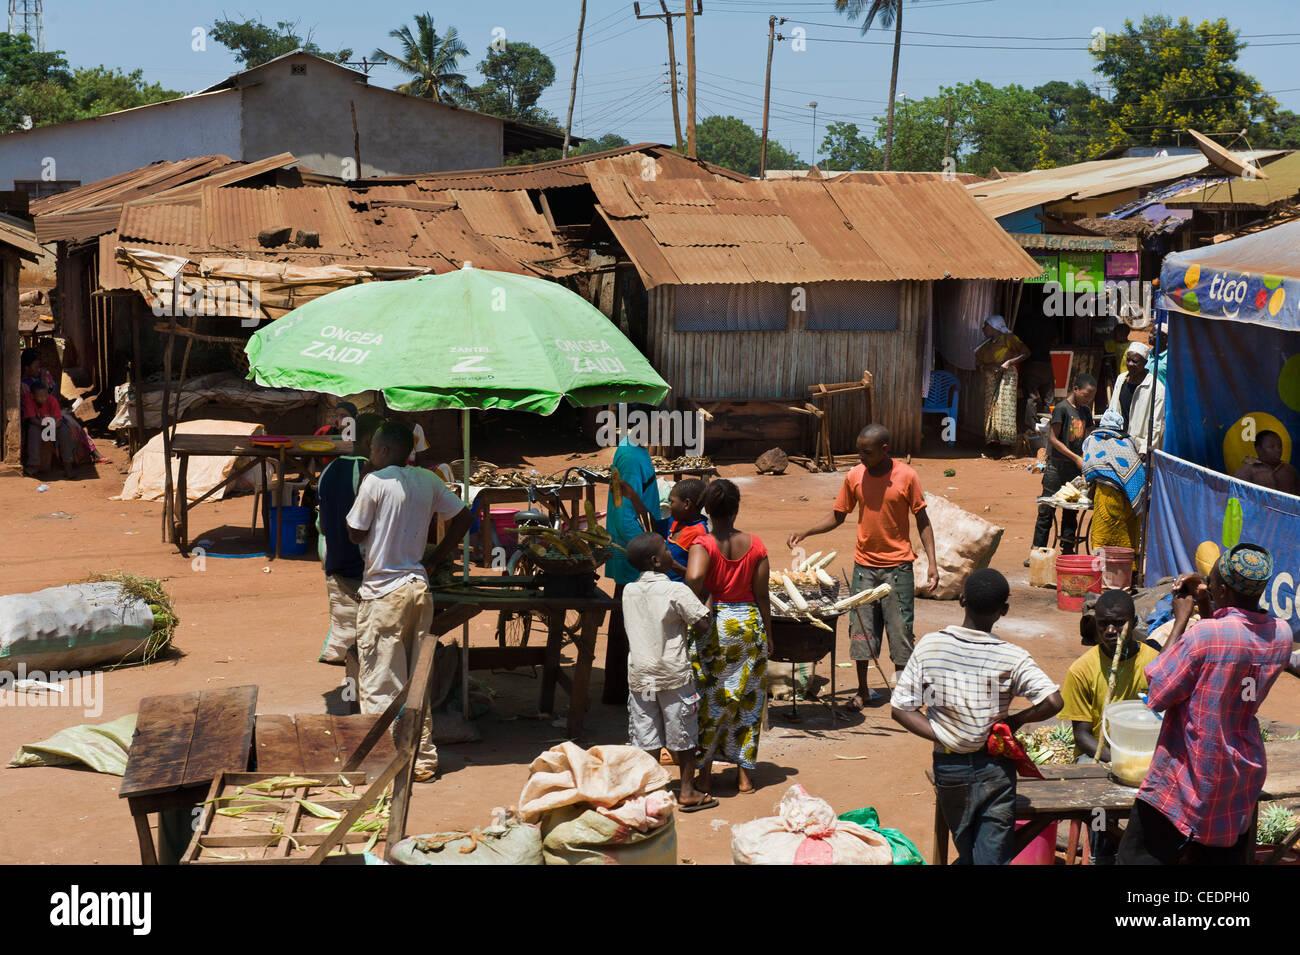 Market scene in a village in Pwani Region Tanzania - Stock Image